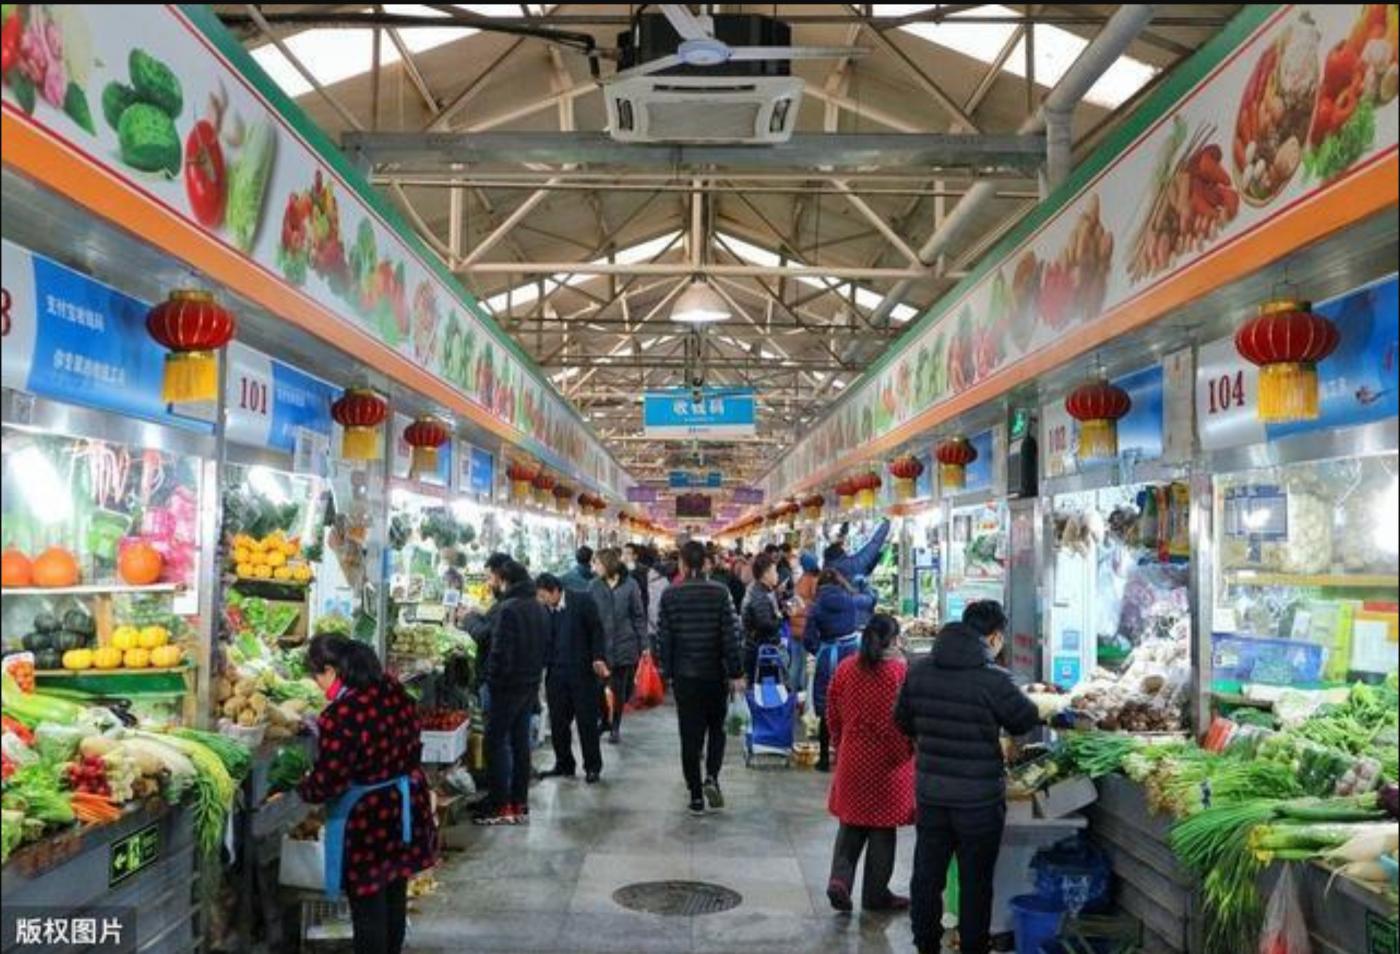 北京新增确诊新冠病例增加到106例_图1-2